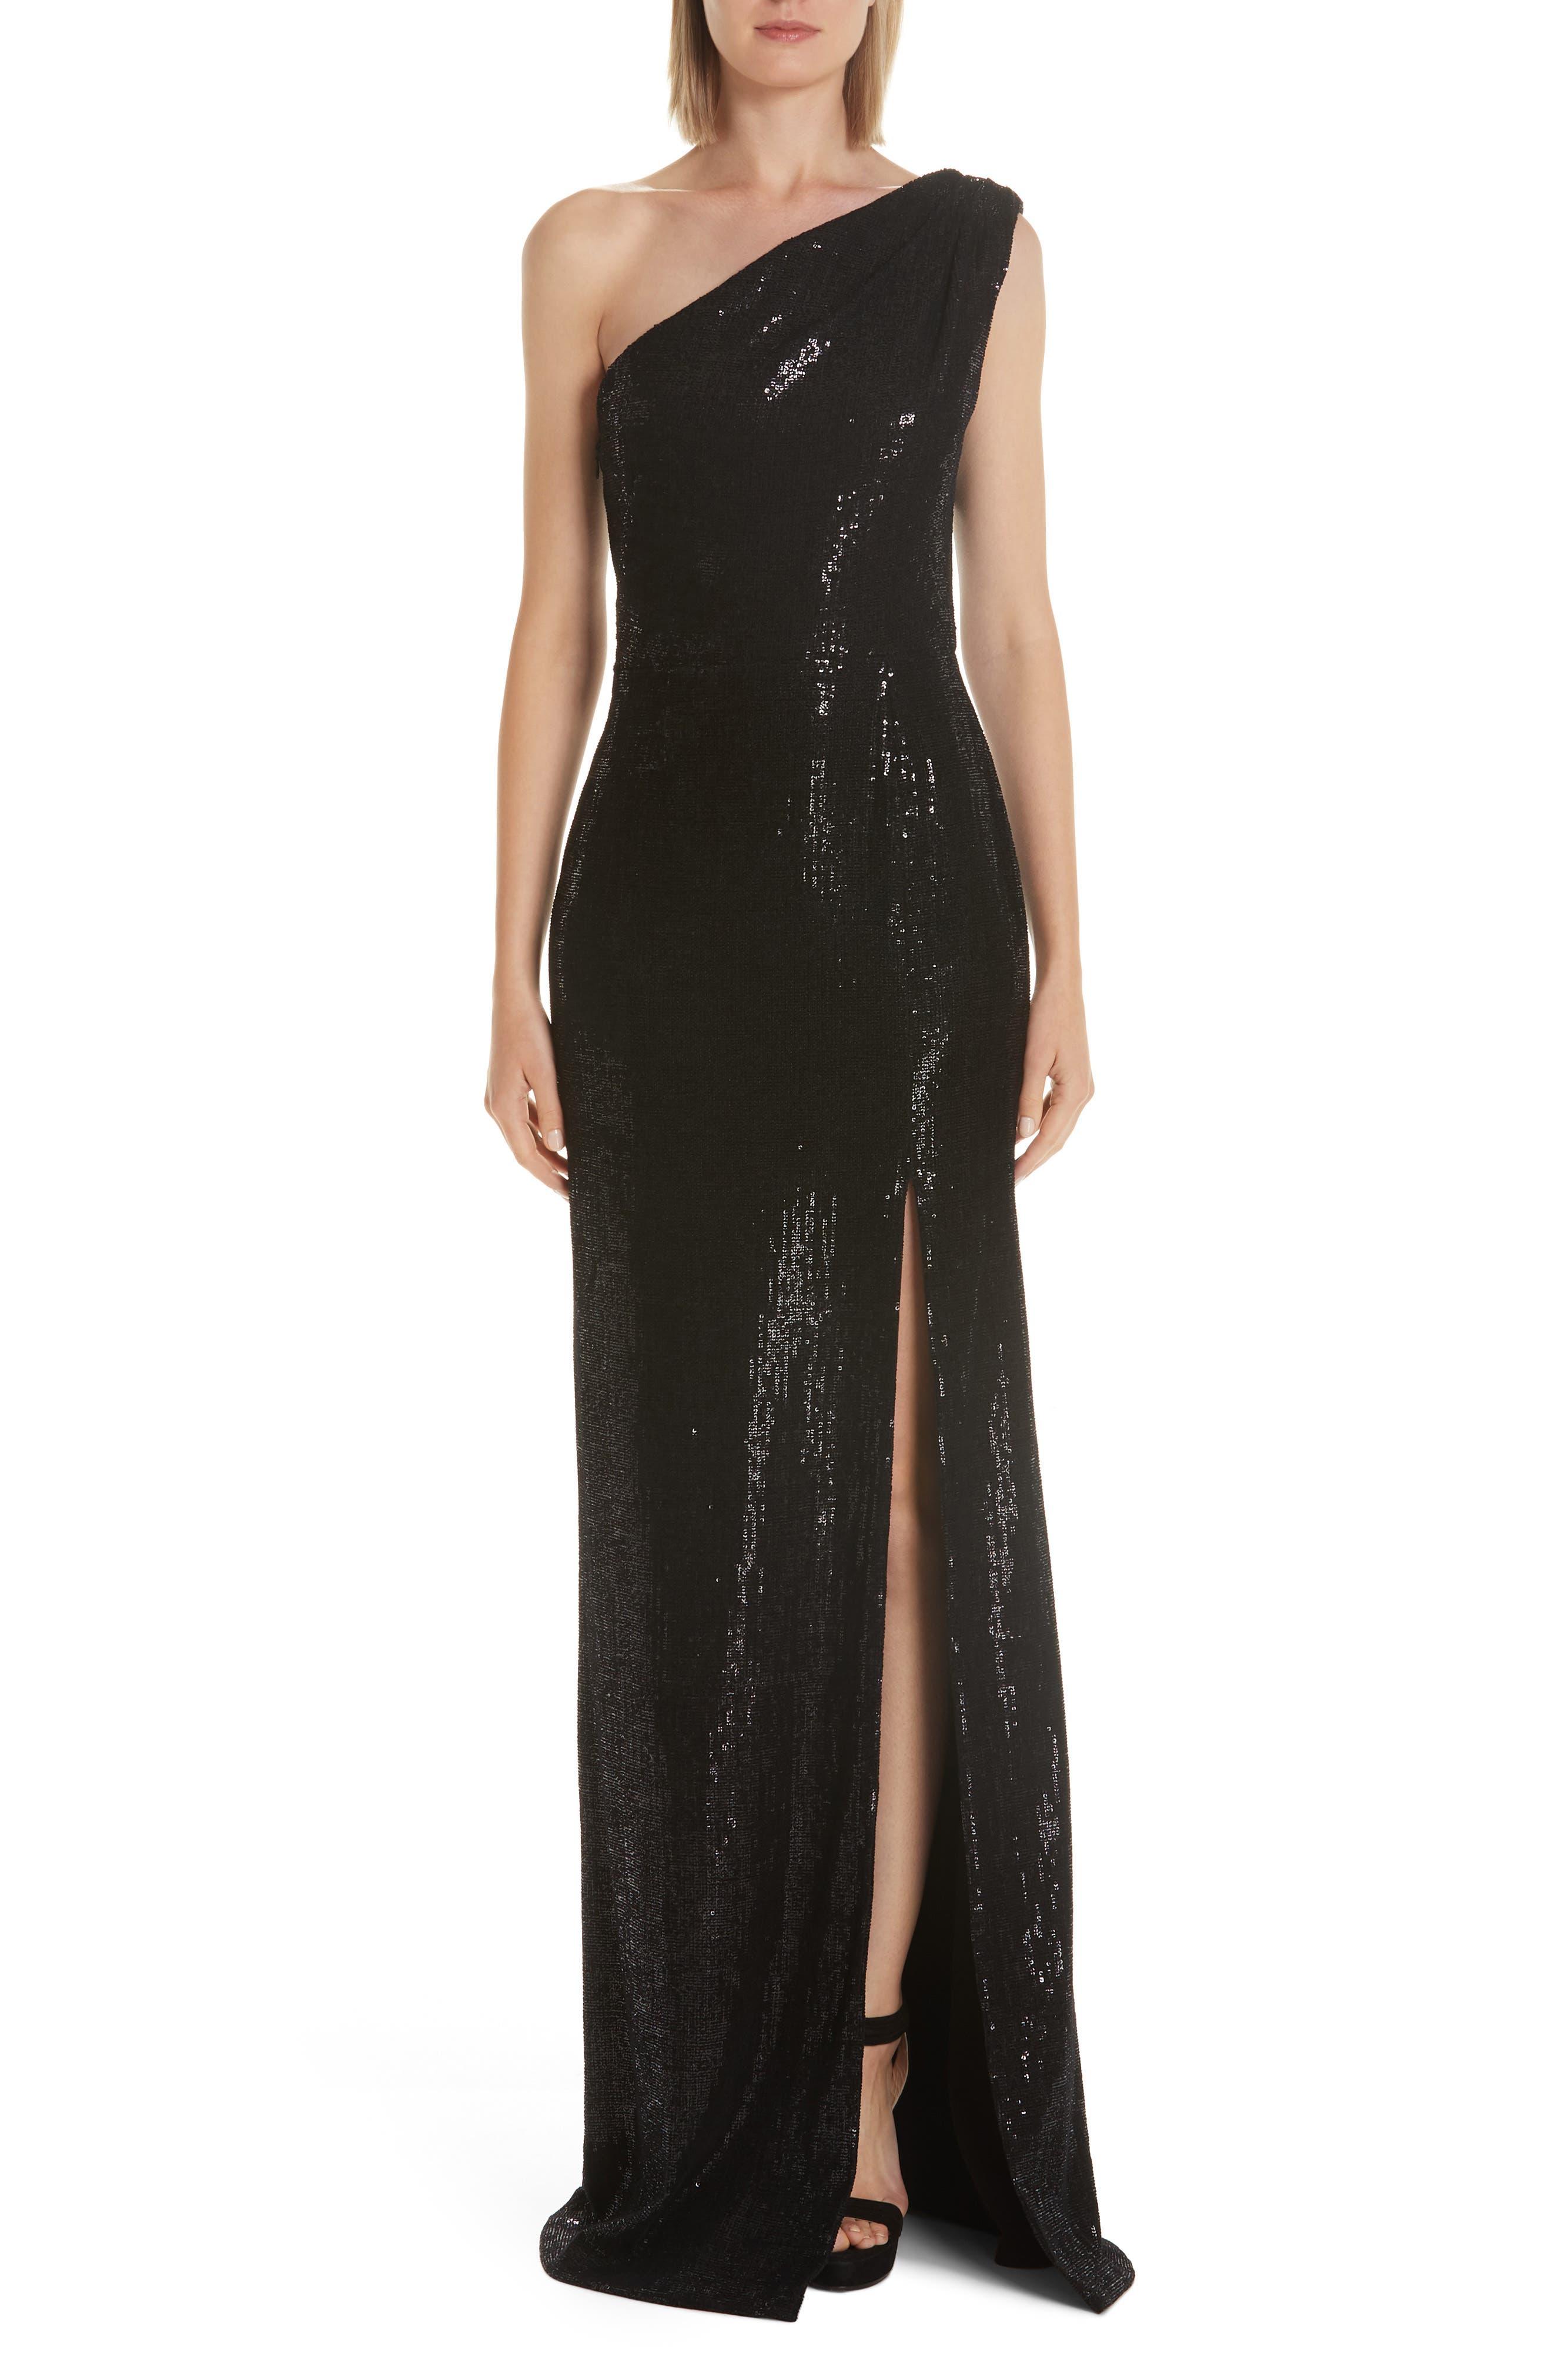 Haney Zane Sequin One-Shoulder Evening Dress, Black